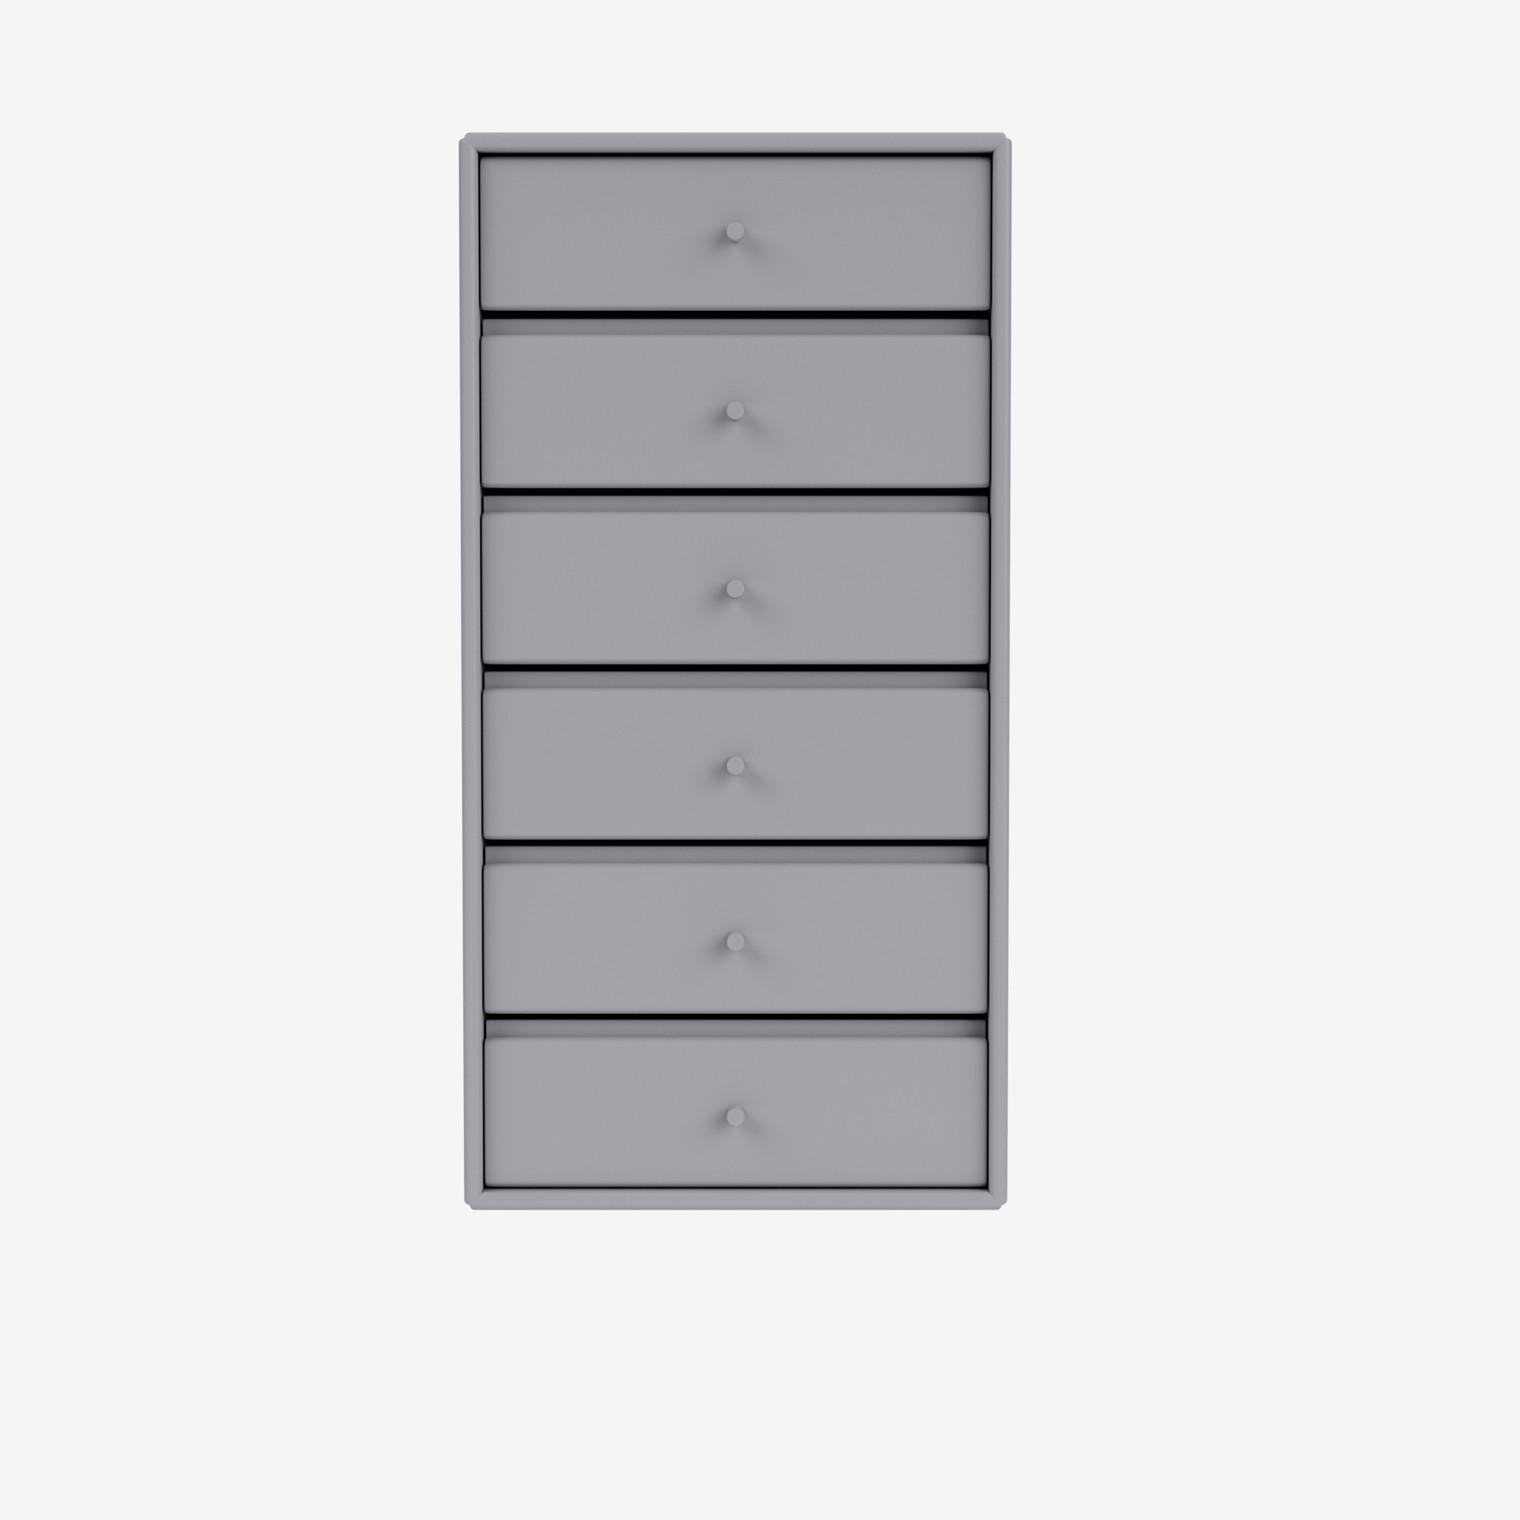 Drawer module 1362